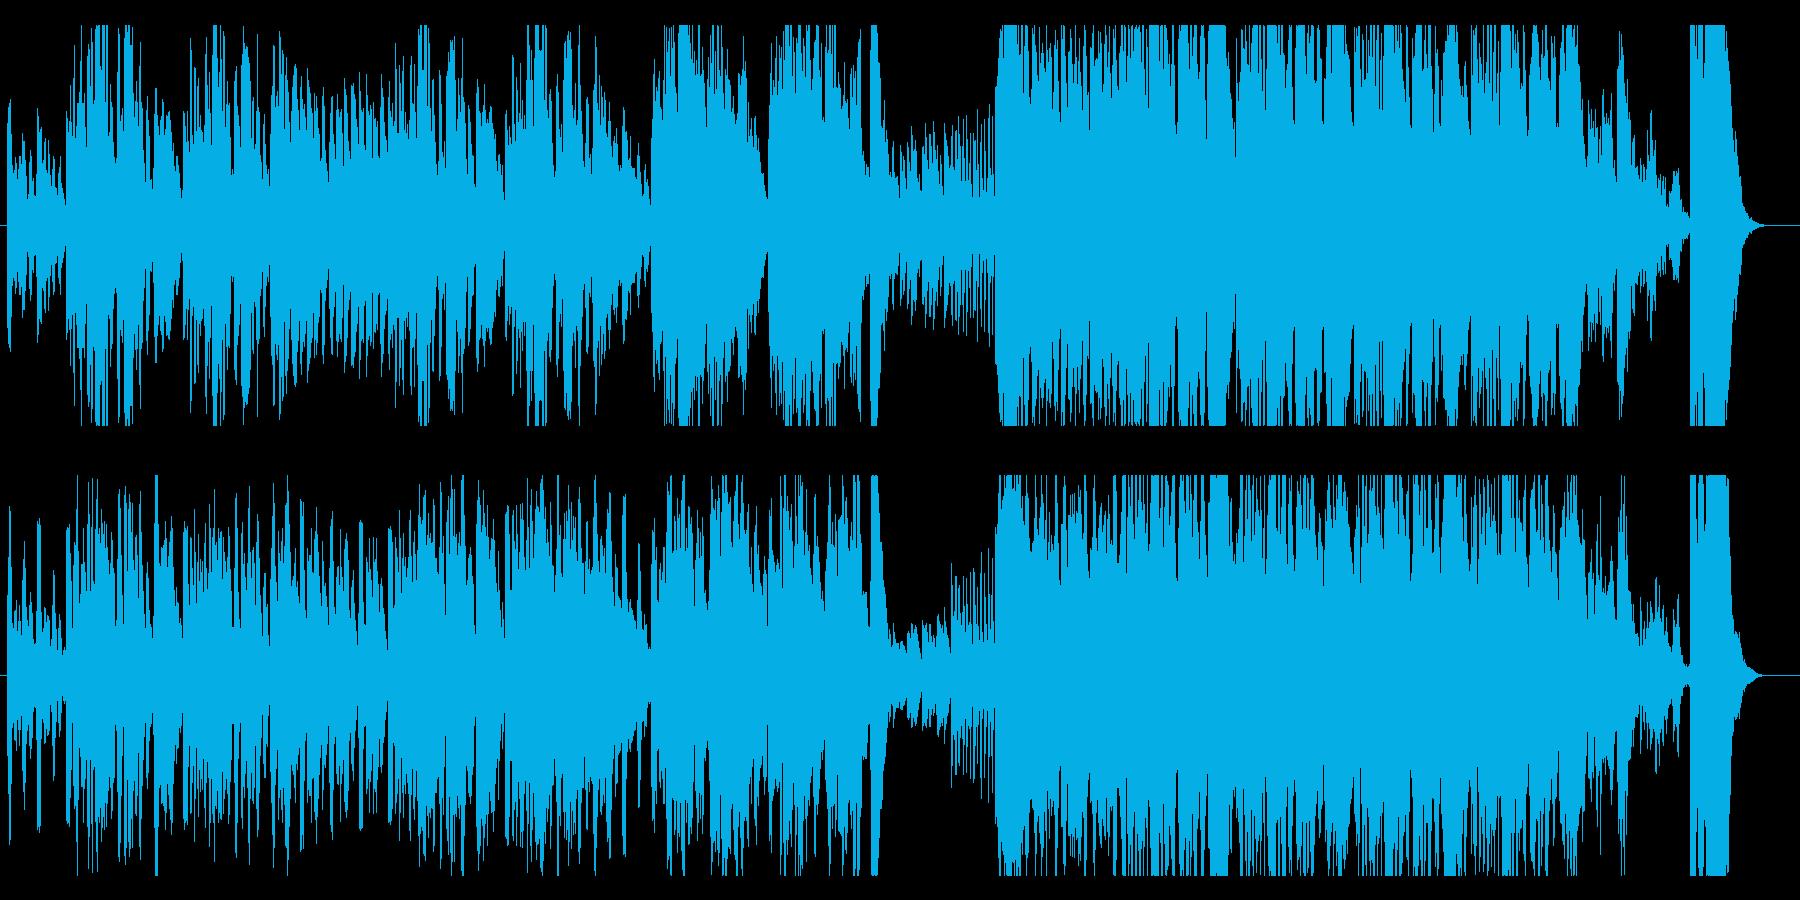 とぼけた雰囲気のあるオーケストラ曲の再生済みの波形